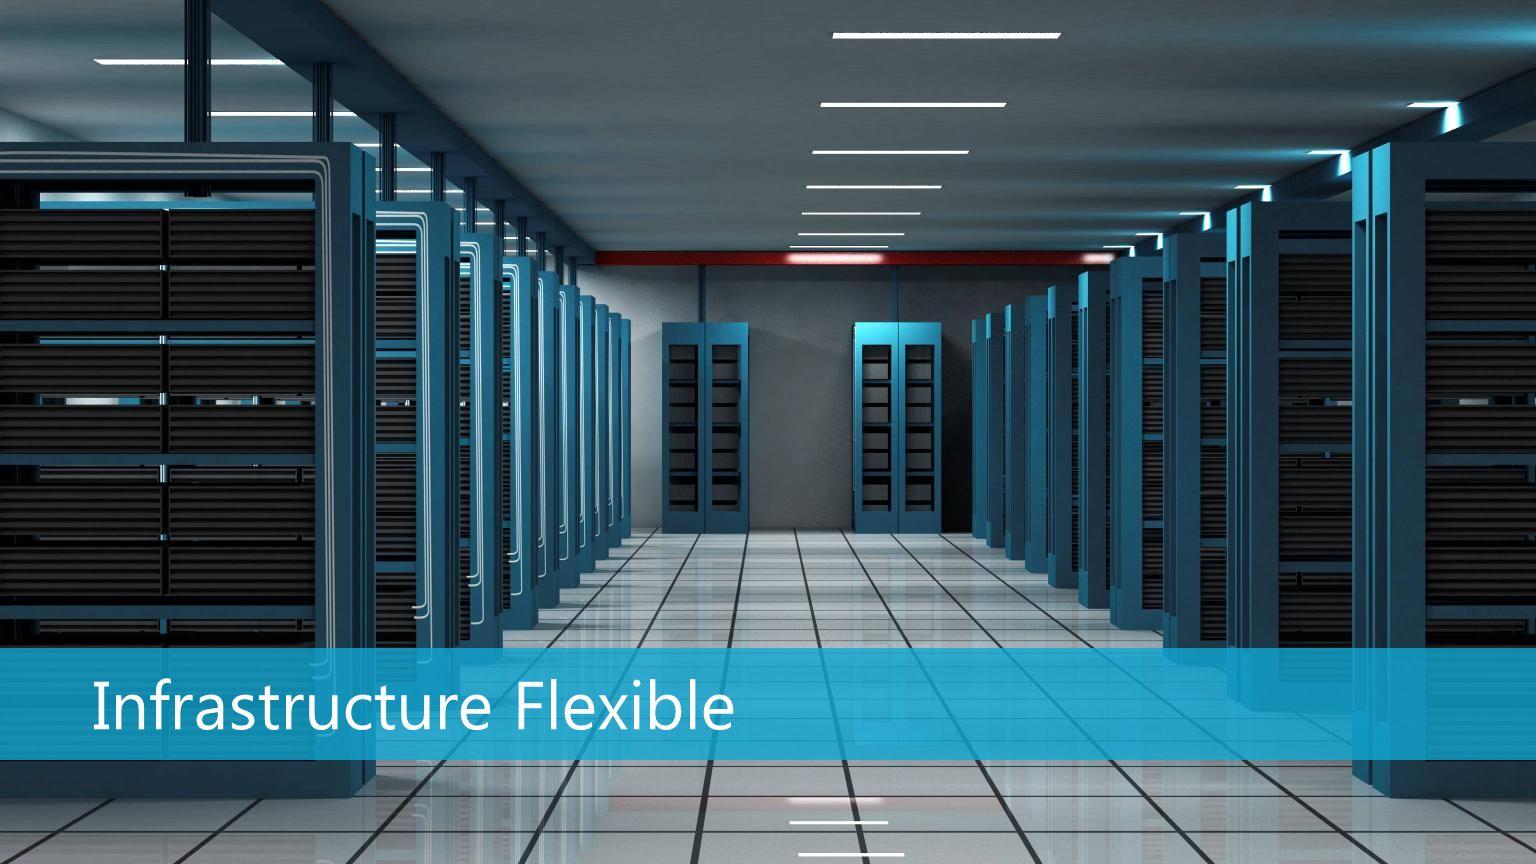 Infrastructure Flexible